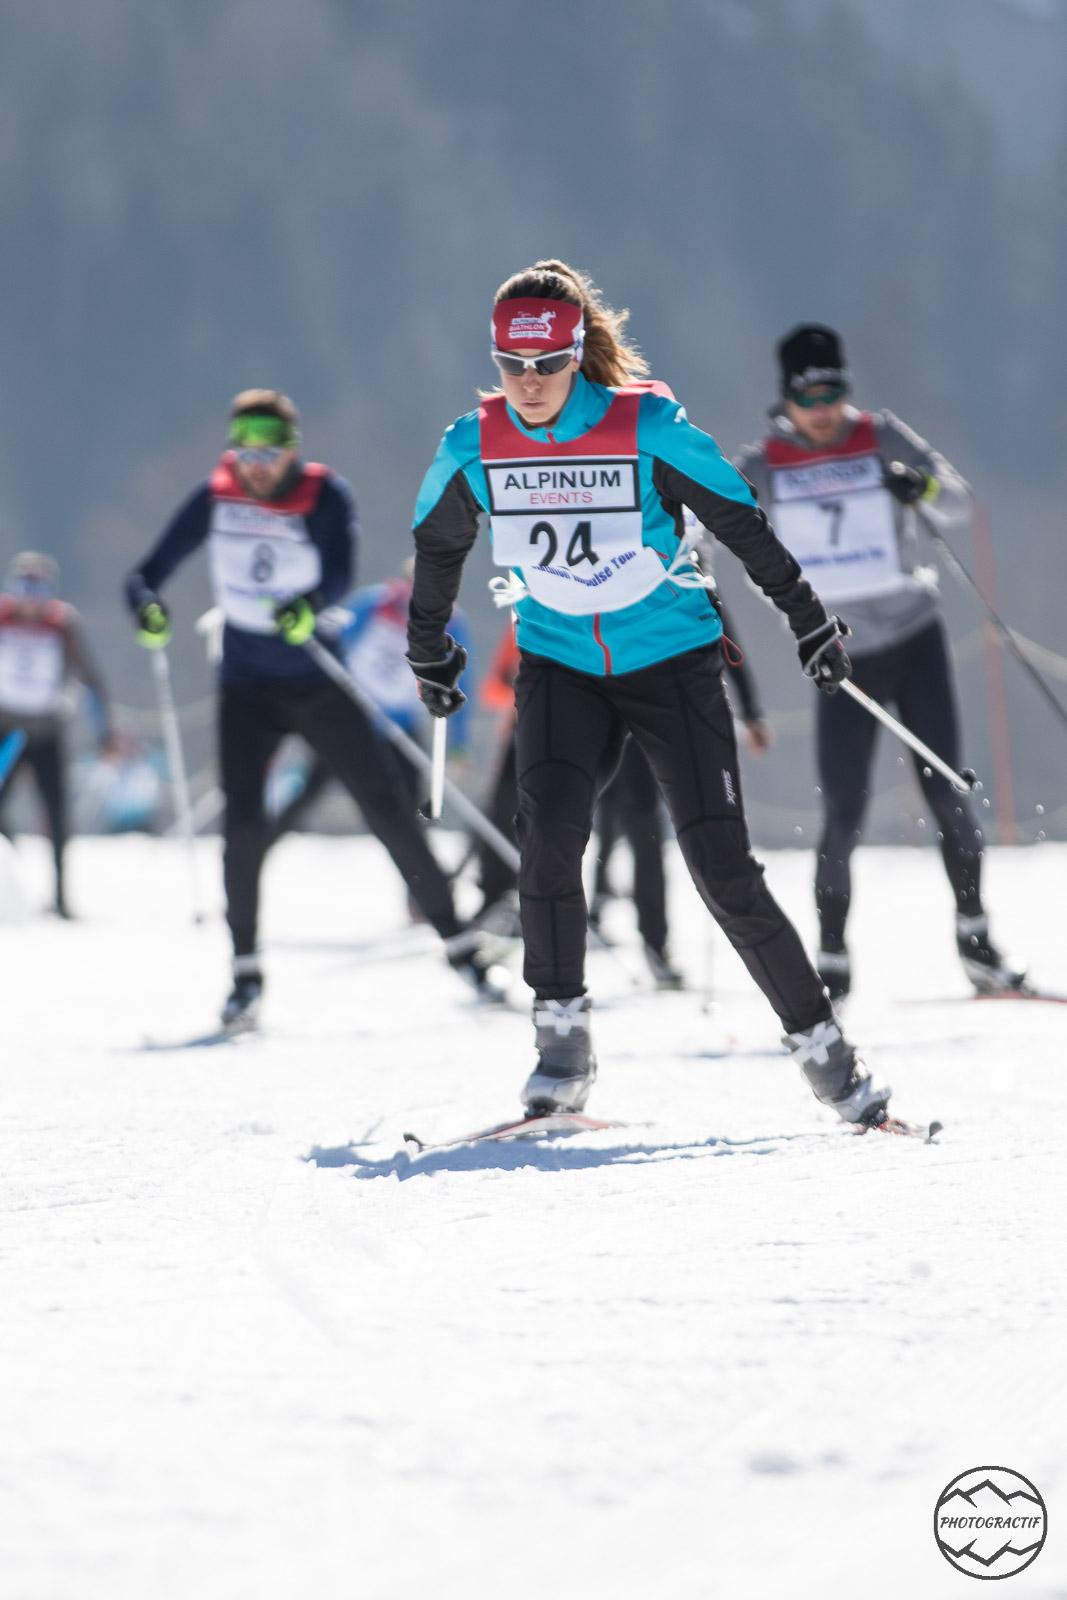 Biathlon Alpinum Les Contamines 2019 (14)